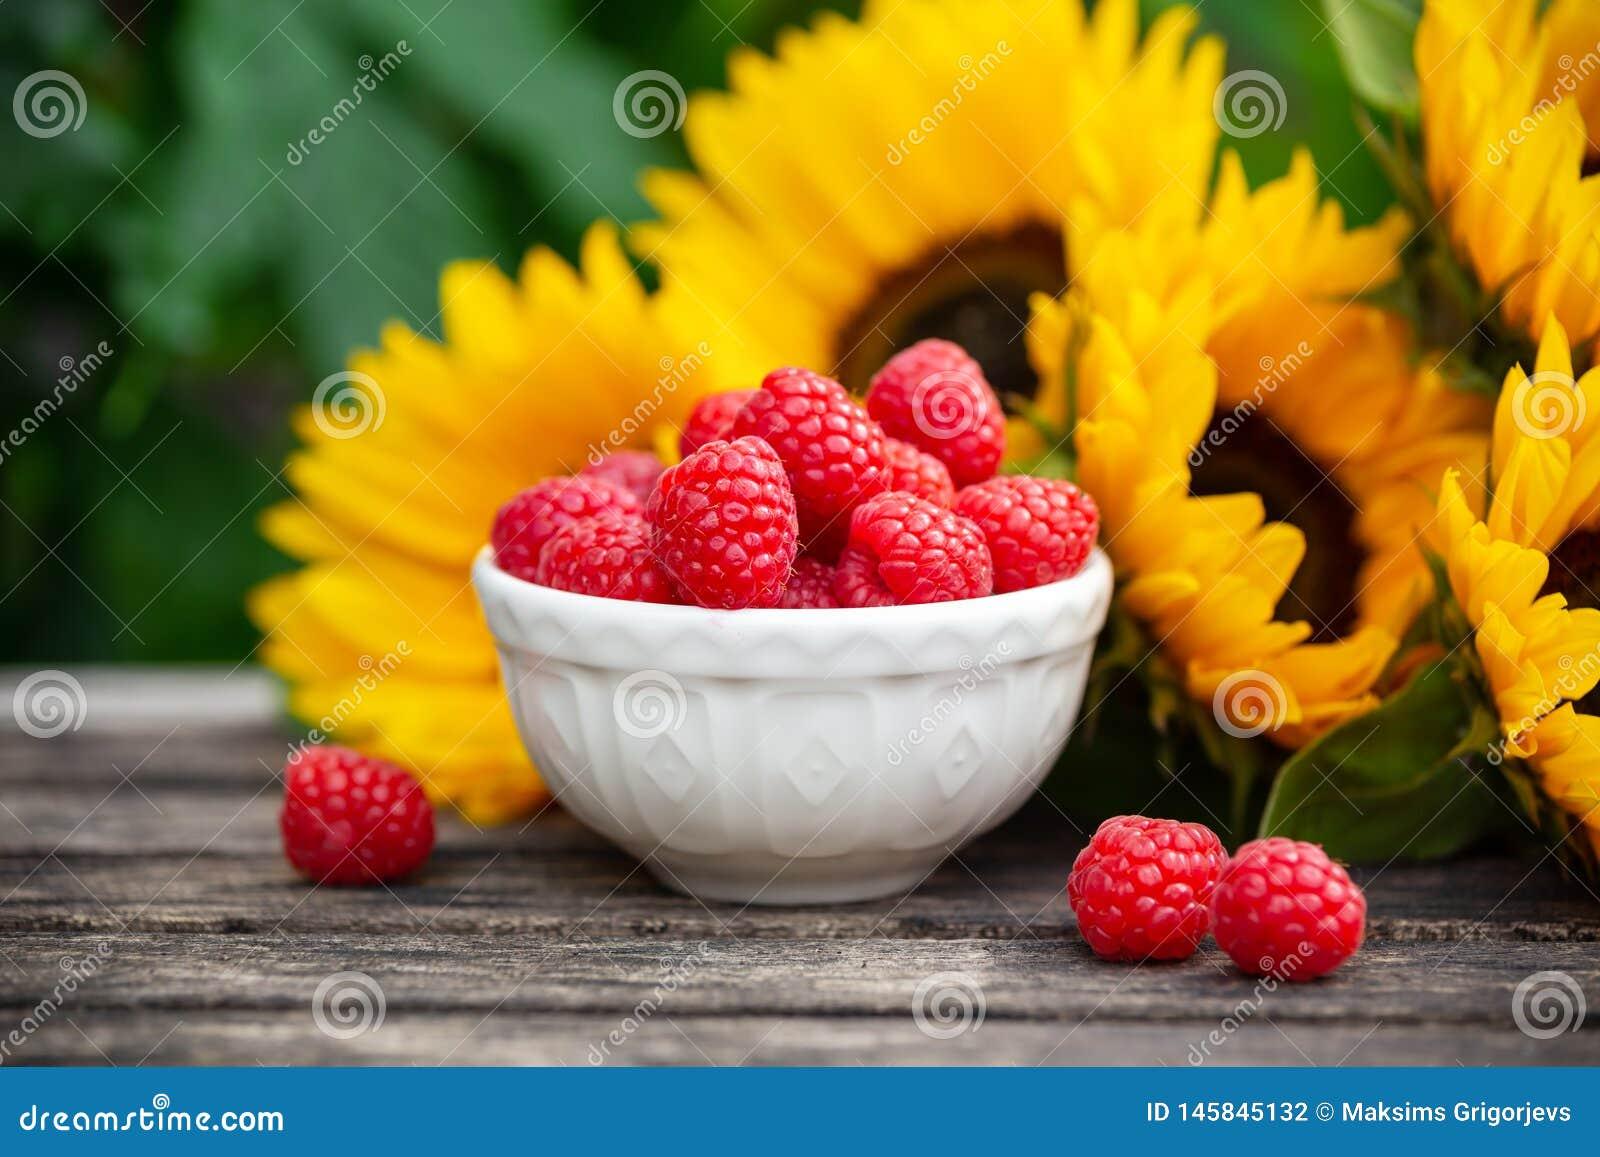 在白色碗的成熟莓有在木桌,夏天题材上的向日葵花束的